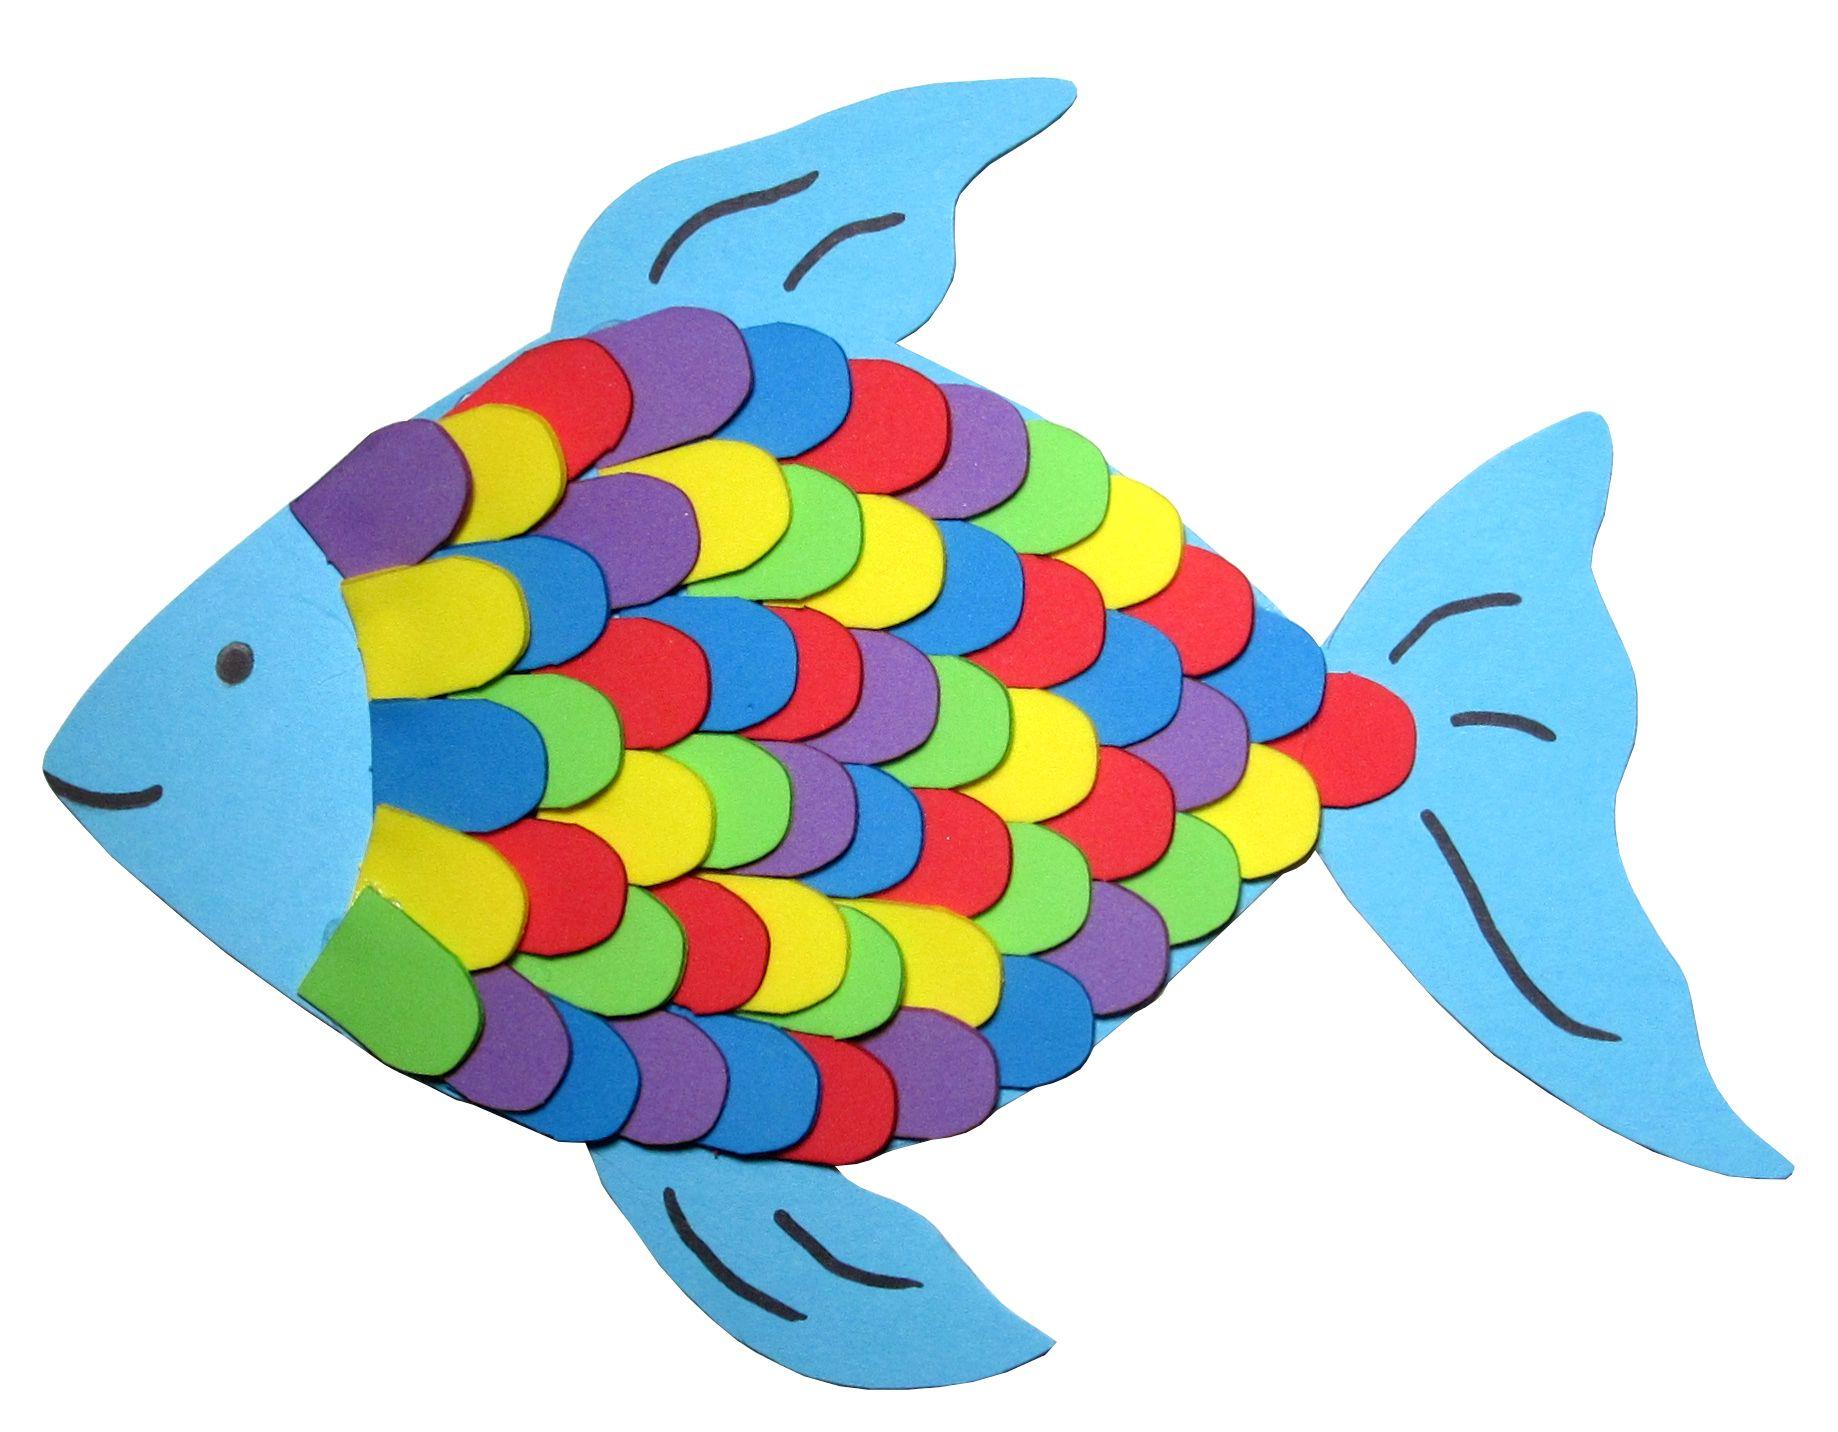 unsere brandneue bastelidee  der regenbogenfisch aus